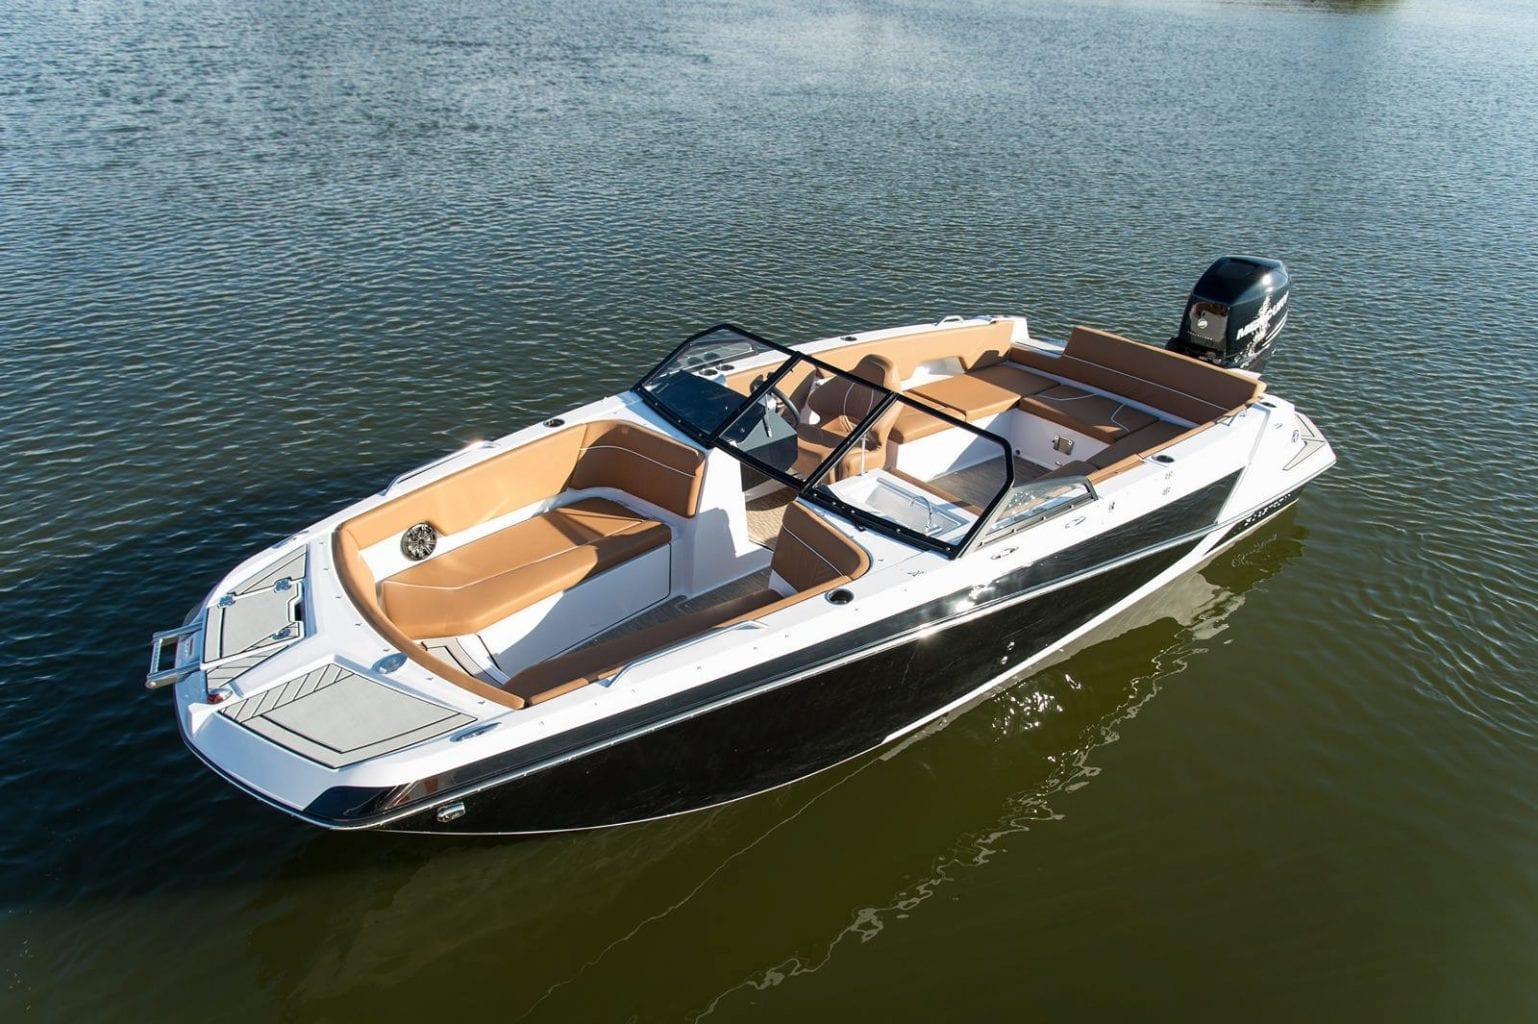 סירת ספורט GLASTRON GTD 220 - סירת ספורט Glastron GTD 220 - סטרים יאכטות